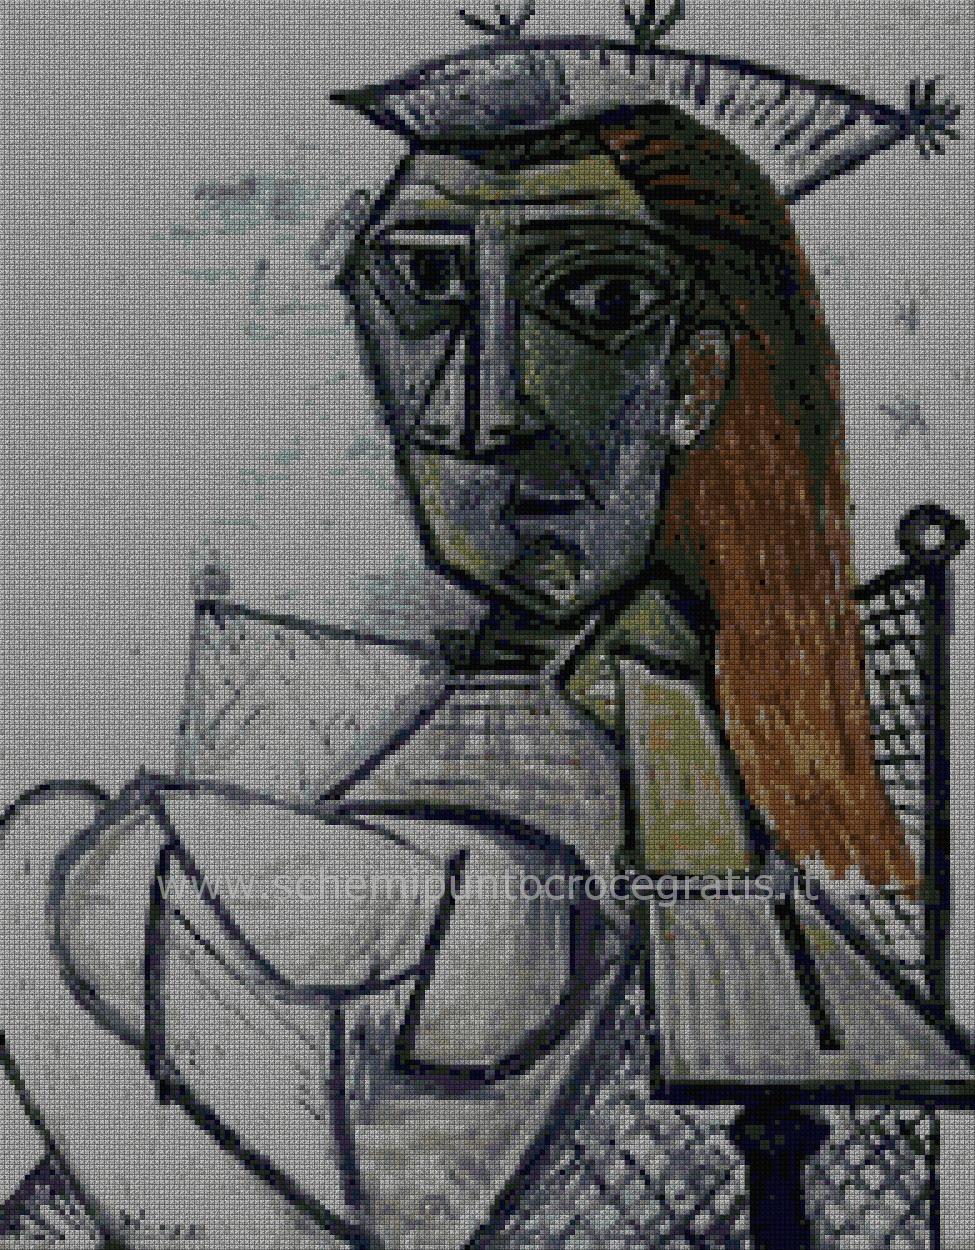 pittori_moderni/picasso/Picasso09.jpg